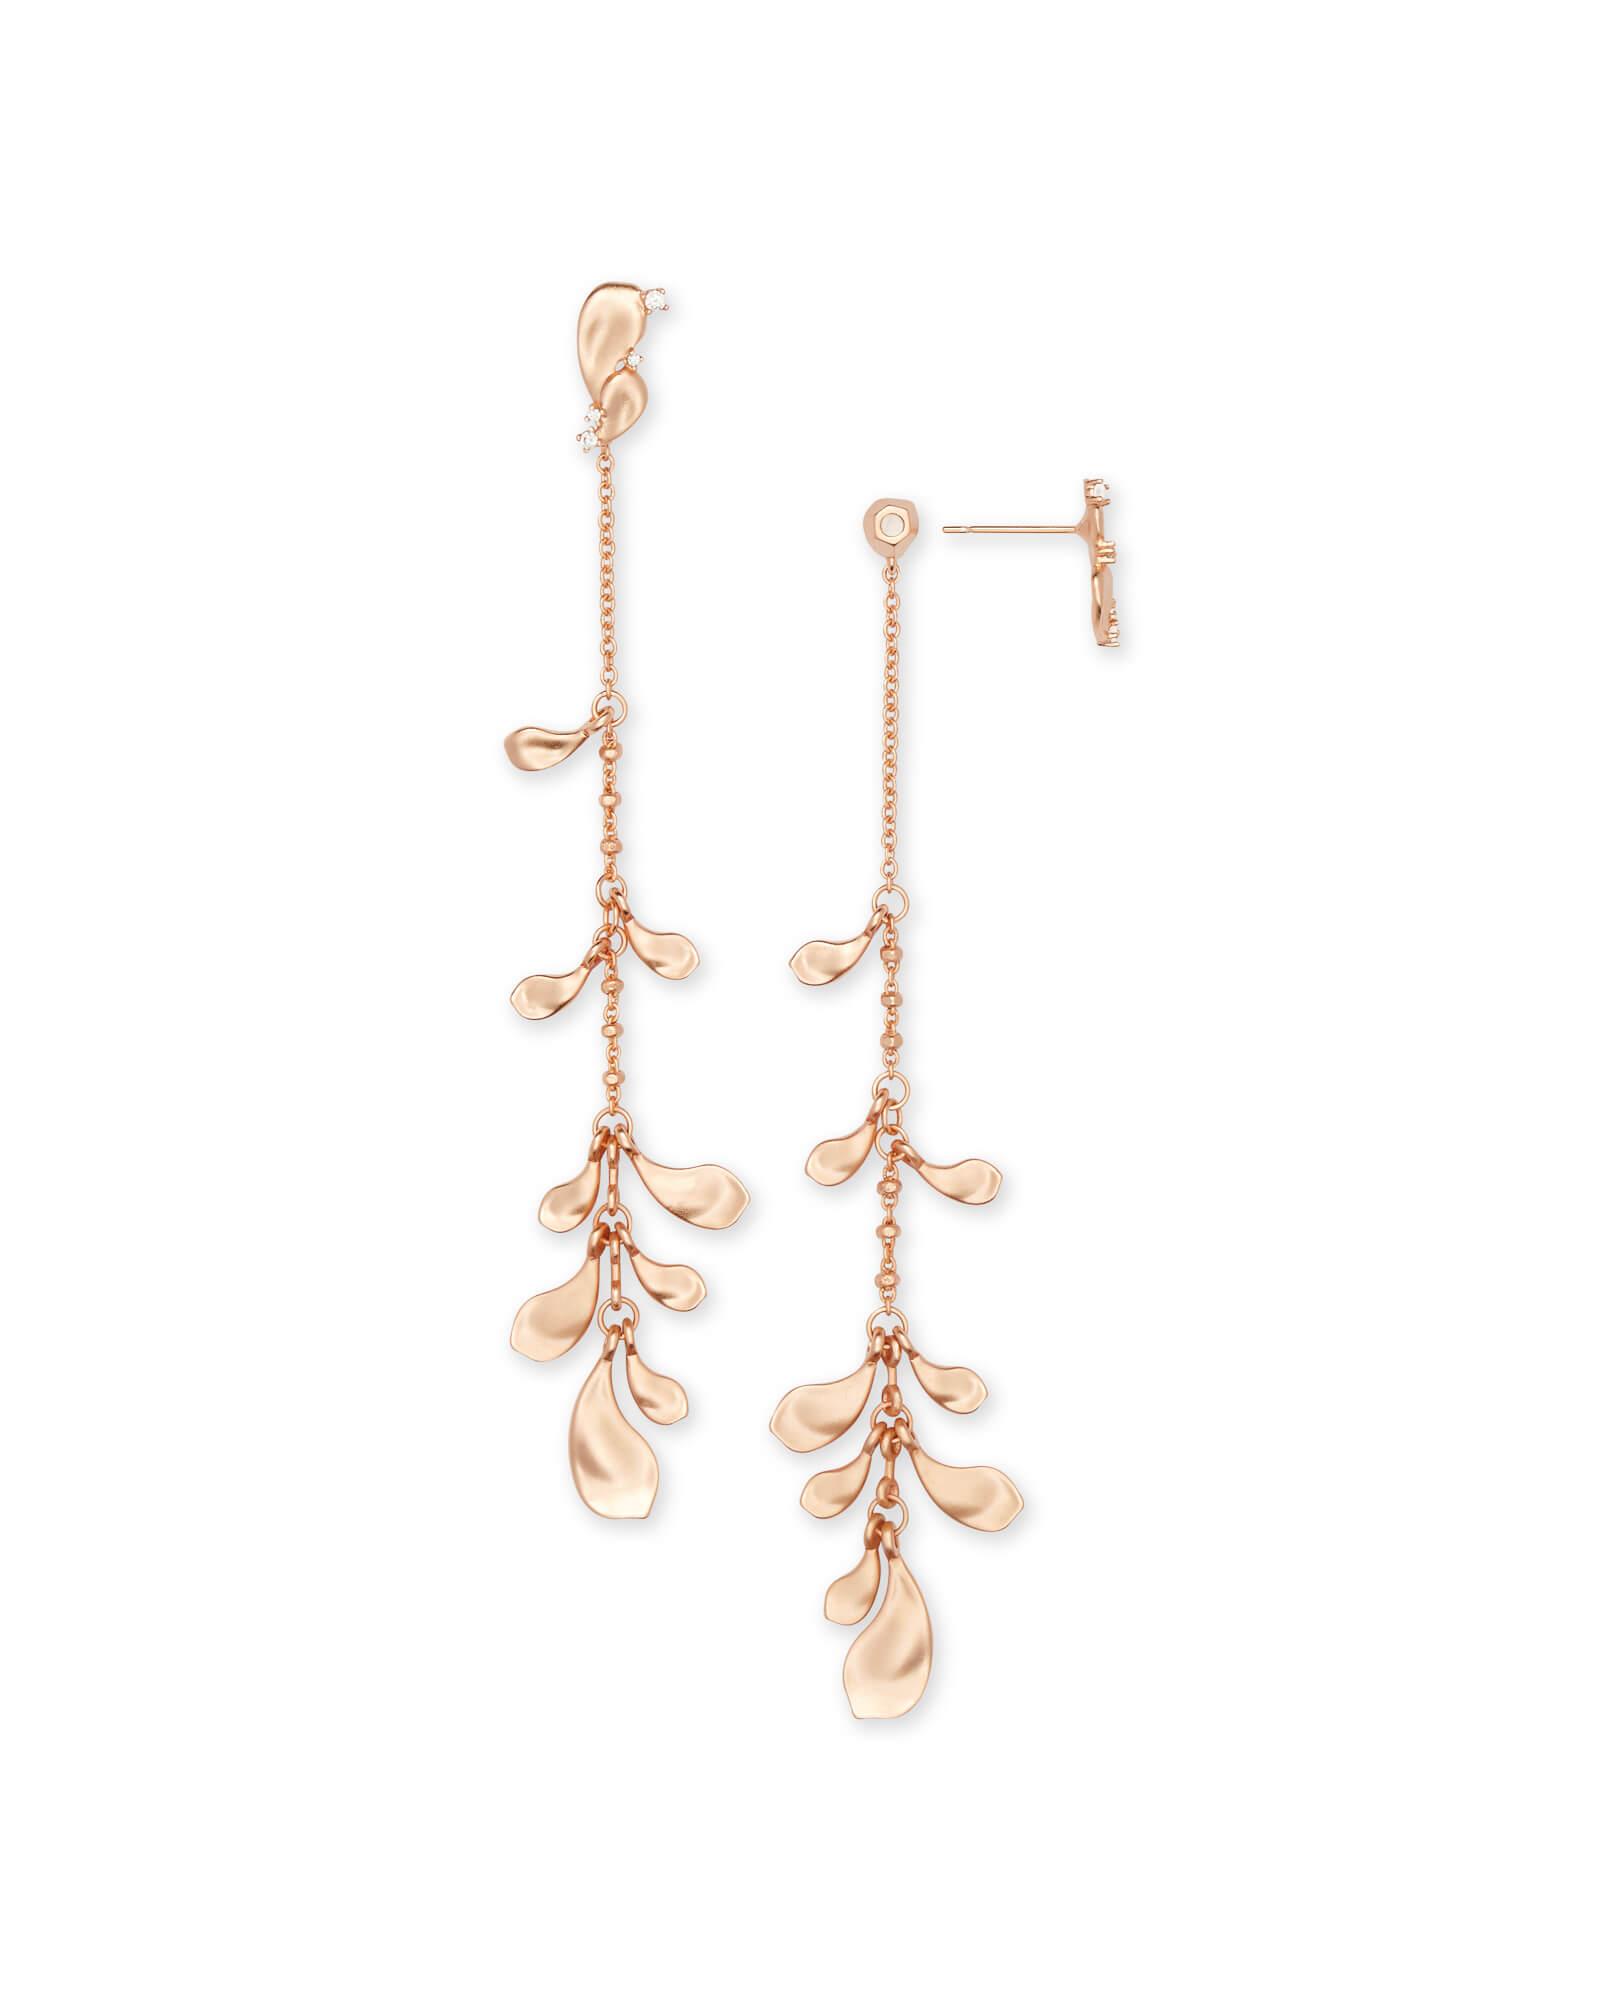 Pamela Statement Earrings In Rose Gold by Kendra Scott